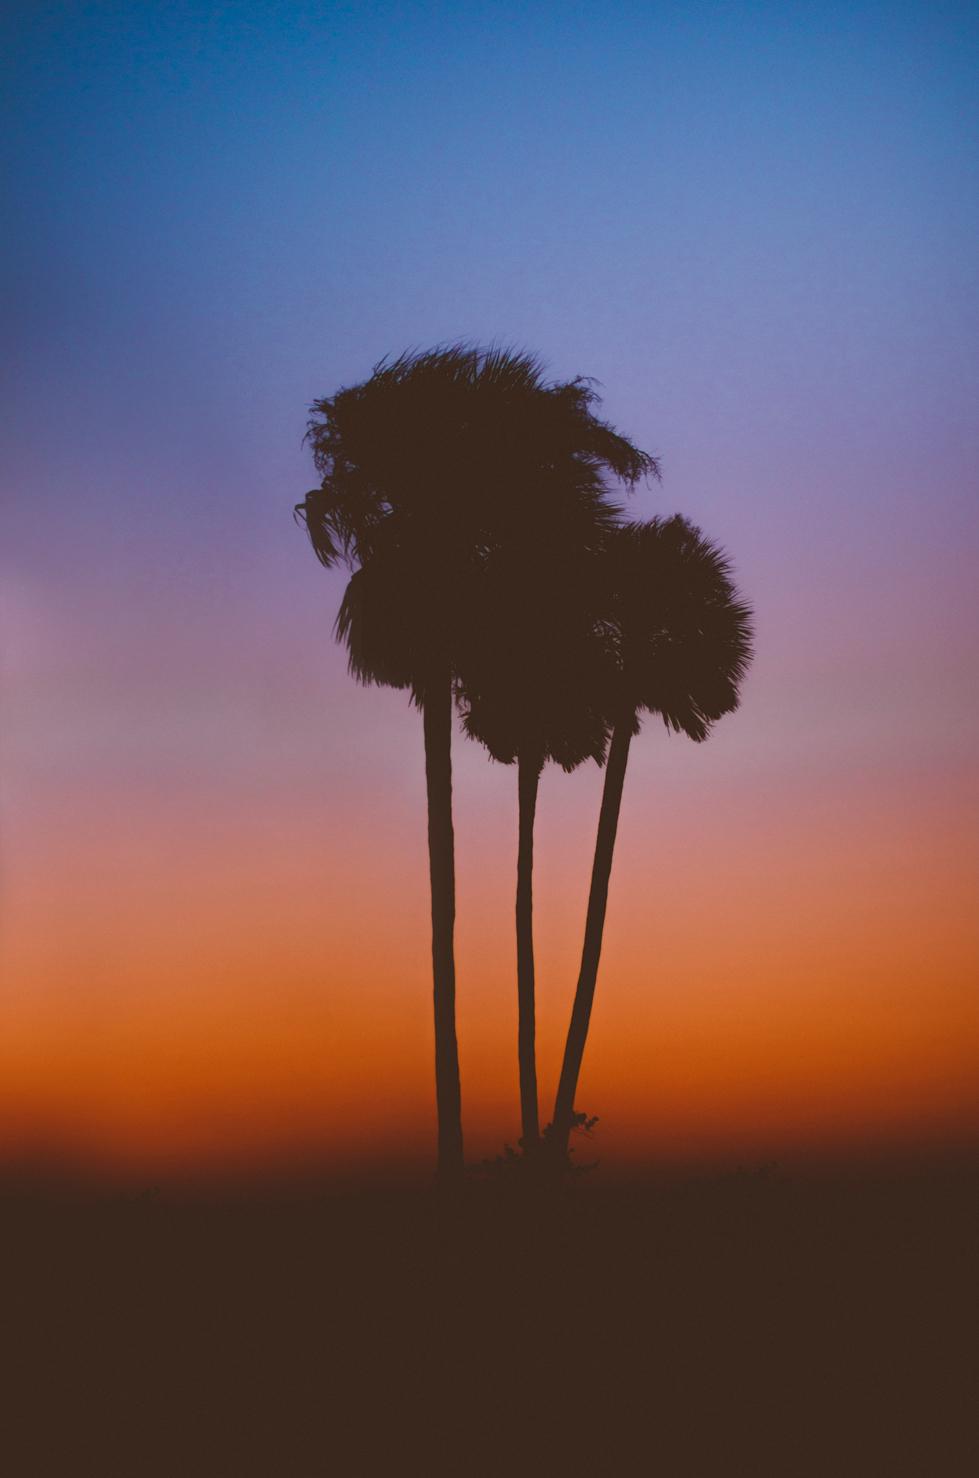 FloridaPalmTrees.jpg